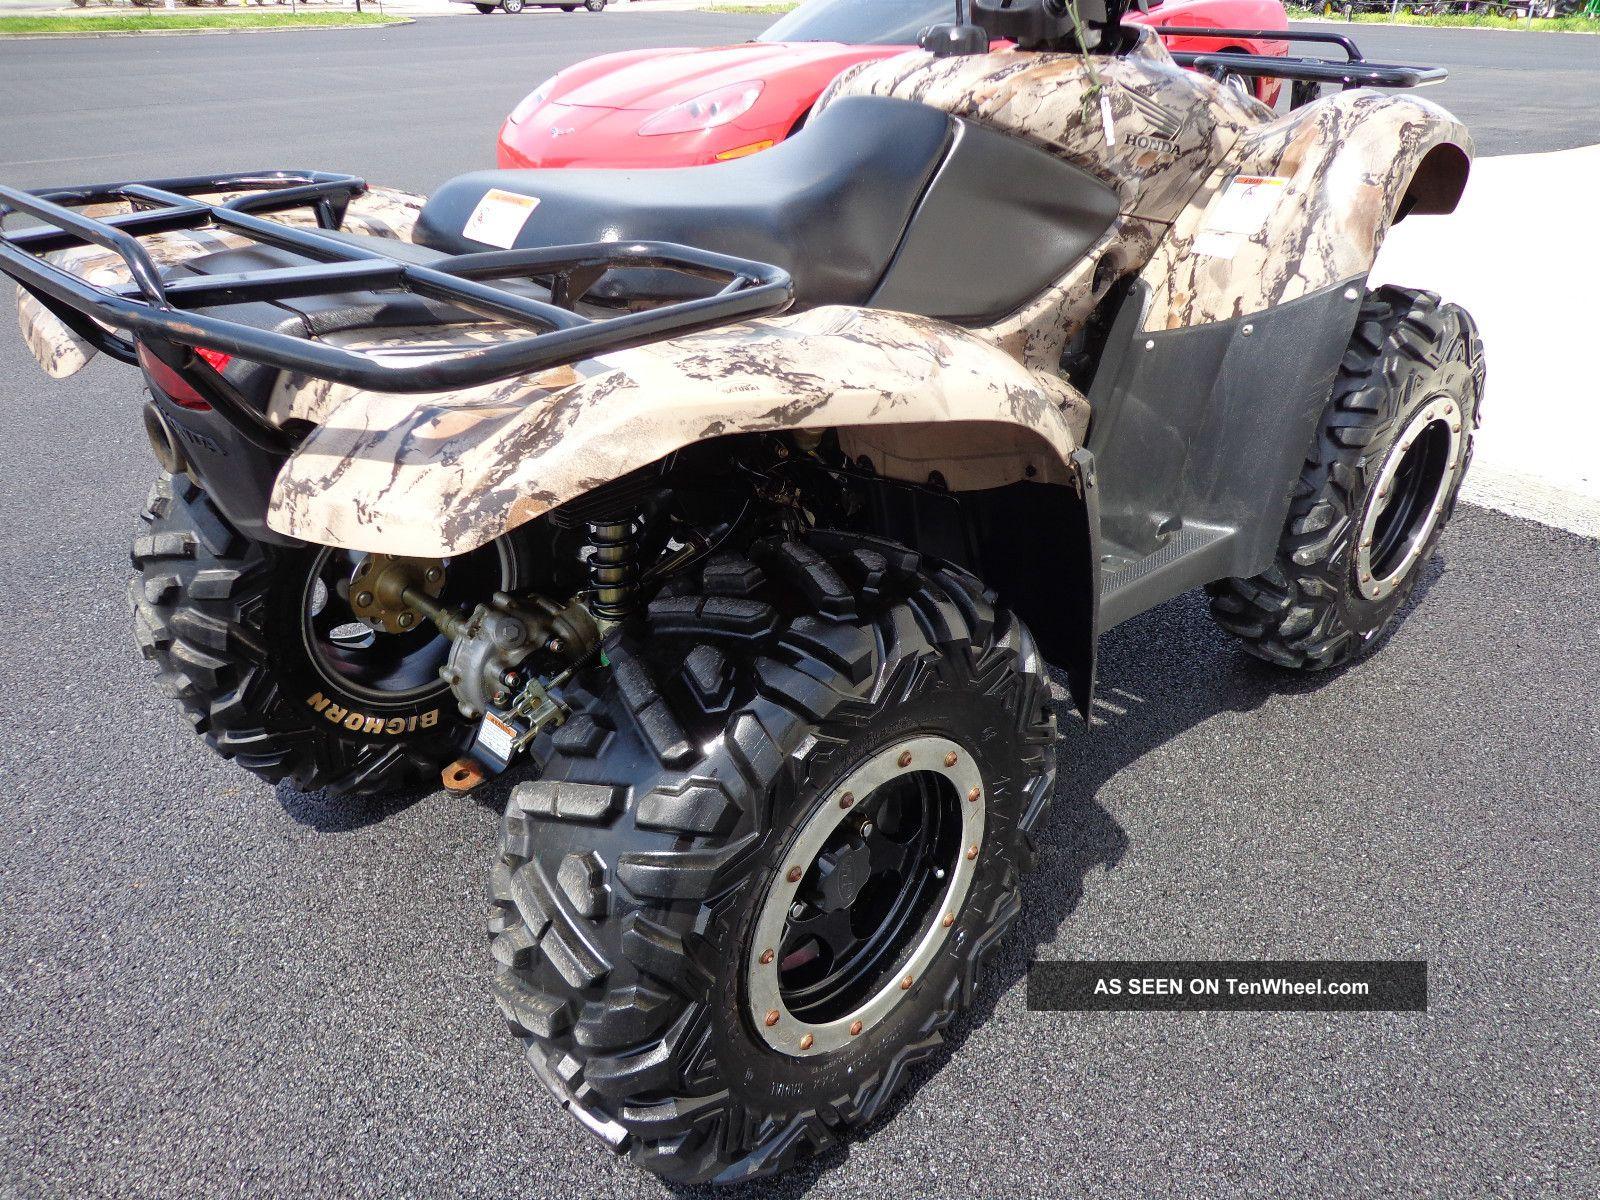 ... 2012 Honda Rancher Trx 420 Es 4x4 Camo Honda Photo 7 ...